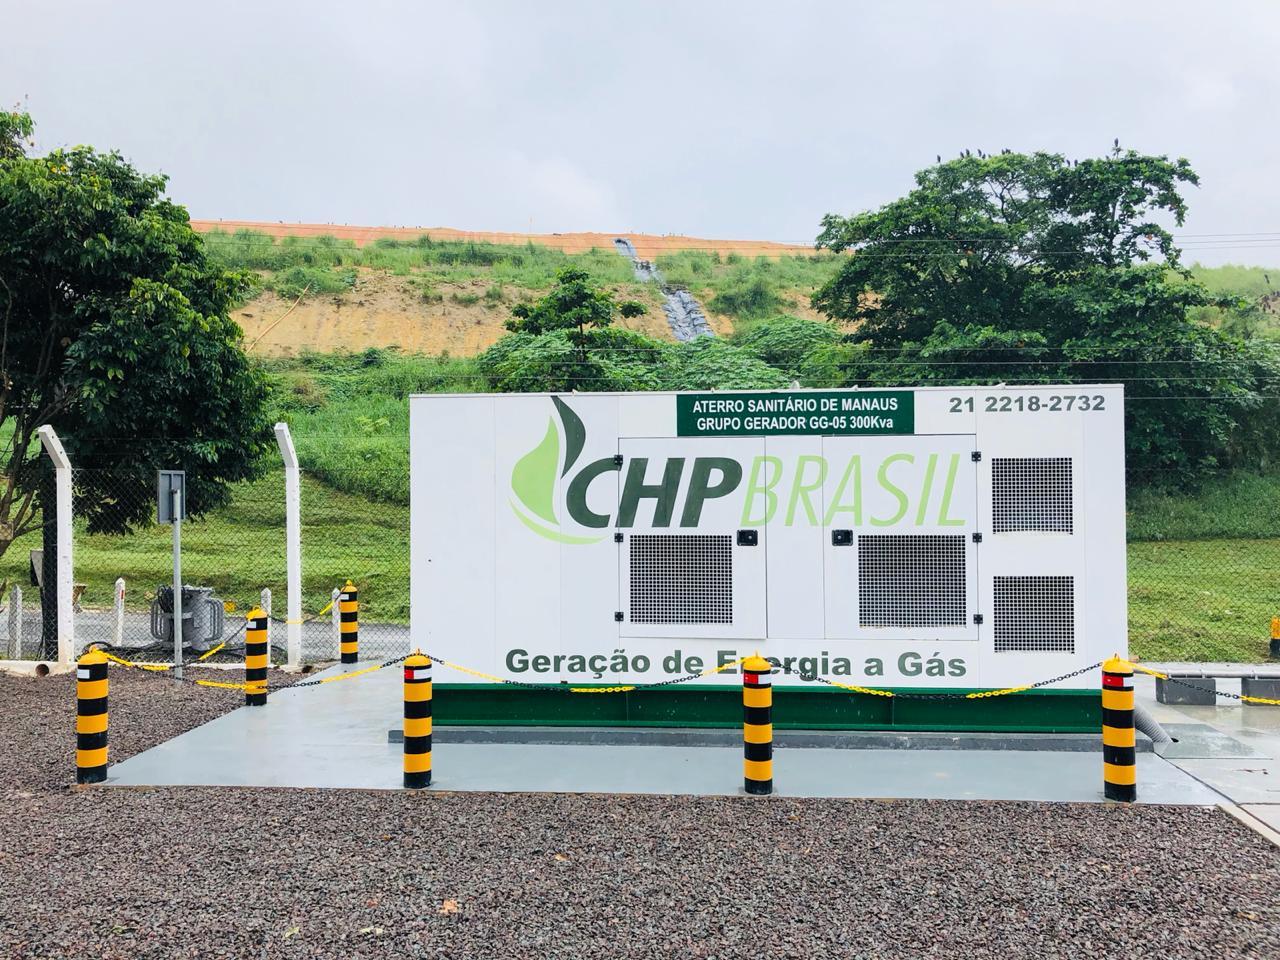 Neste aterro sanitário, um gerador CHP 300 produz energia a partir do biogás gerado nas células de resíduos.